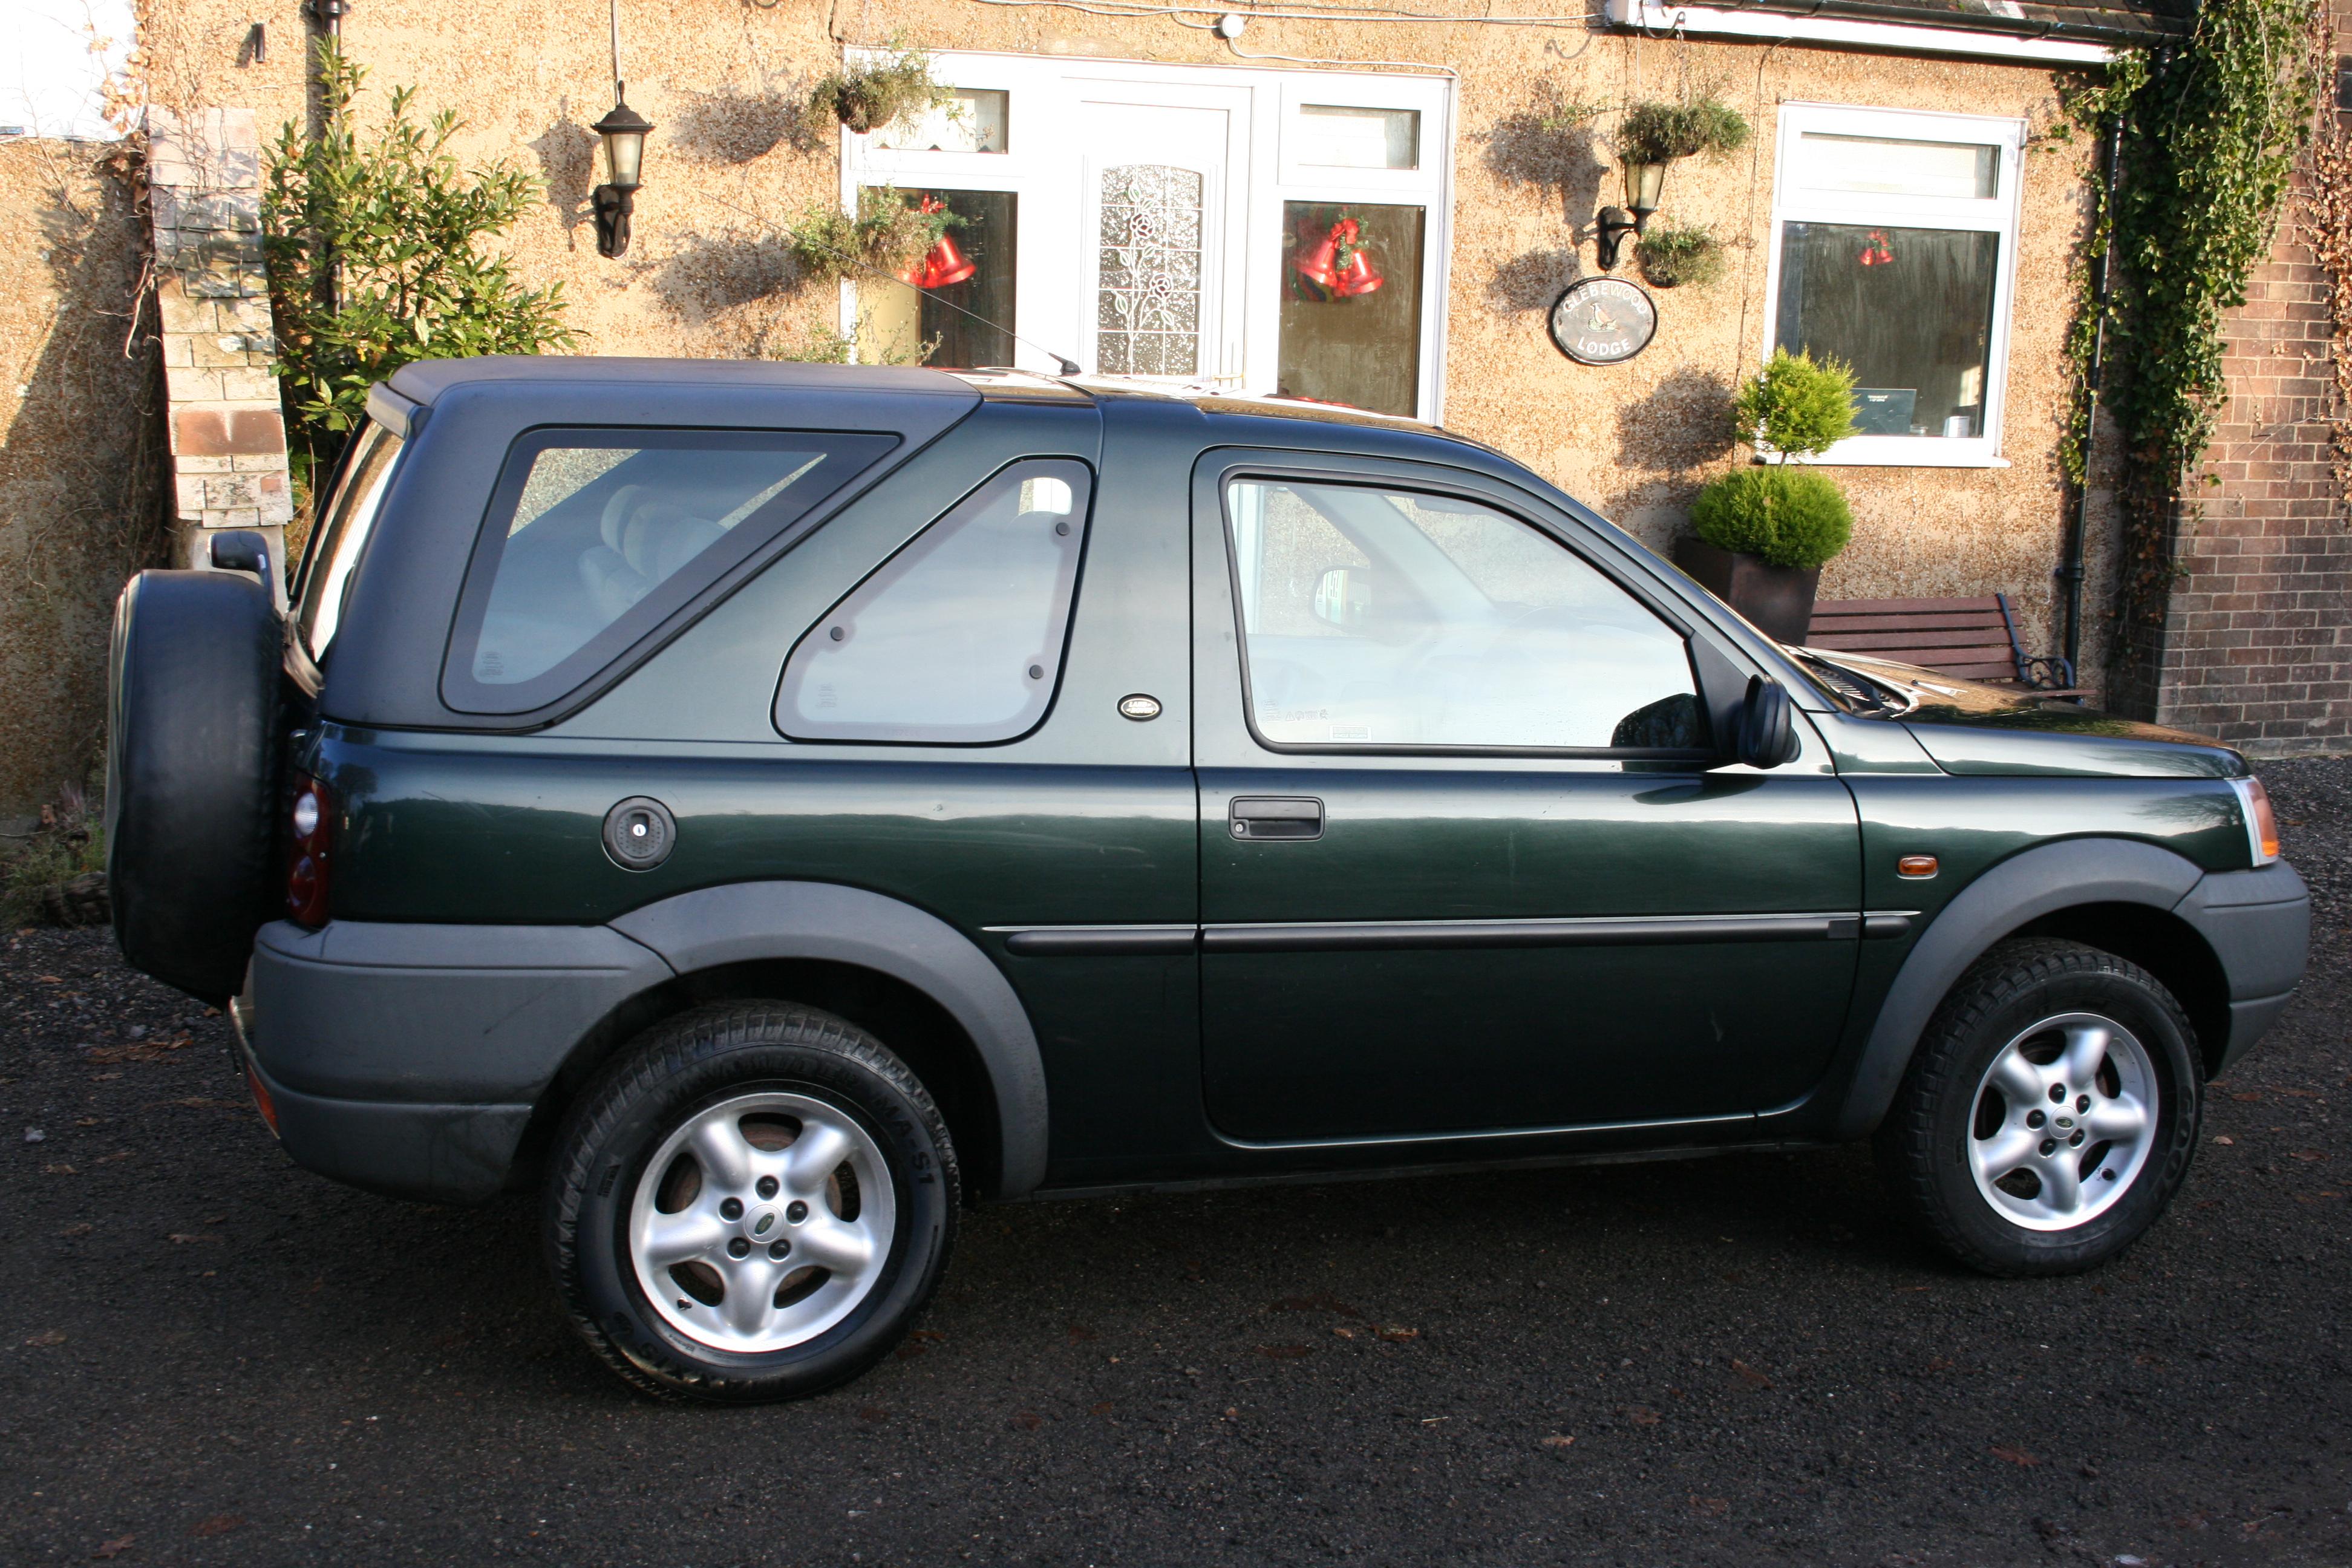 1999 freelander 3 door convertible for sale – 12 months mot